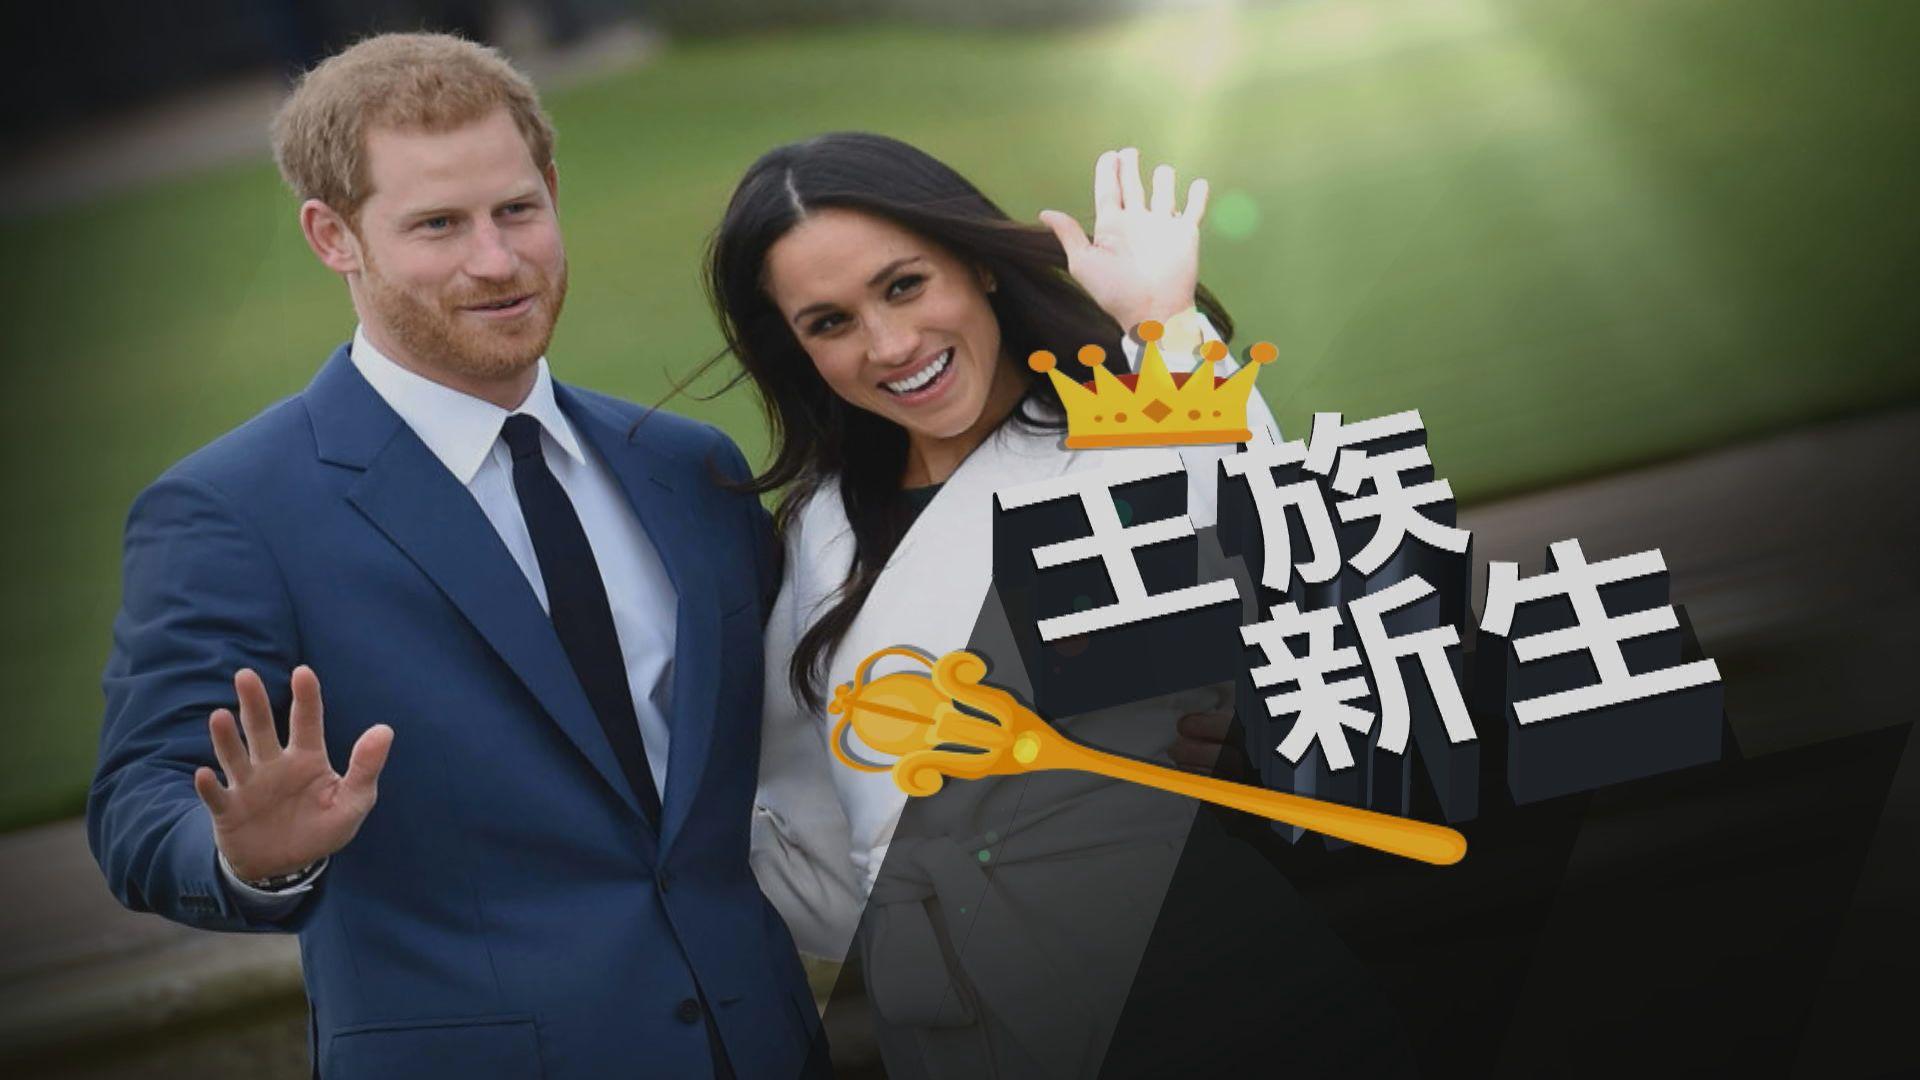 【新聞智庫】哈里夫婦如何賺錢過「獨立生活」?